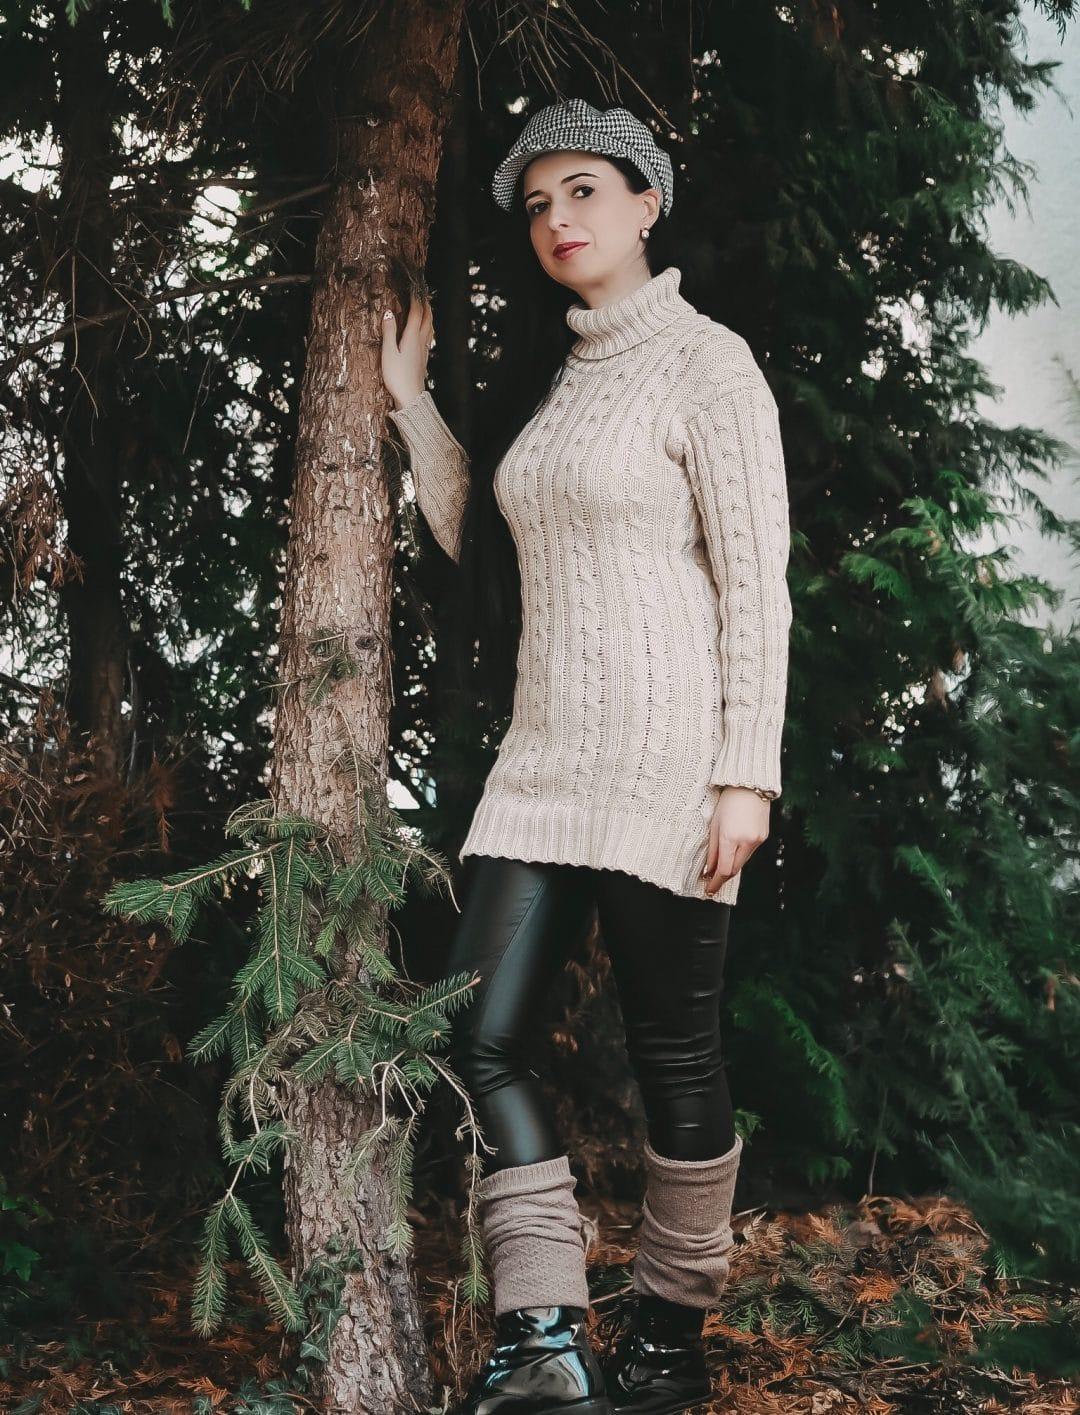 Femmeluxefinery bietet euch stylische Mode